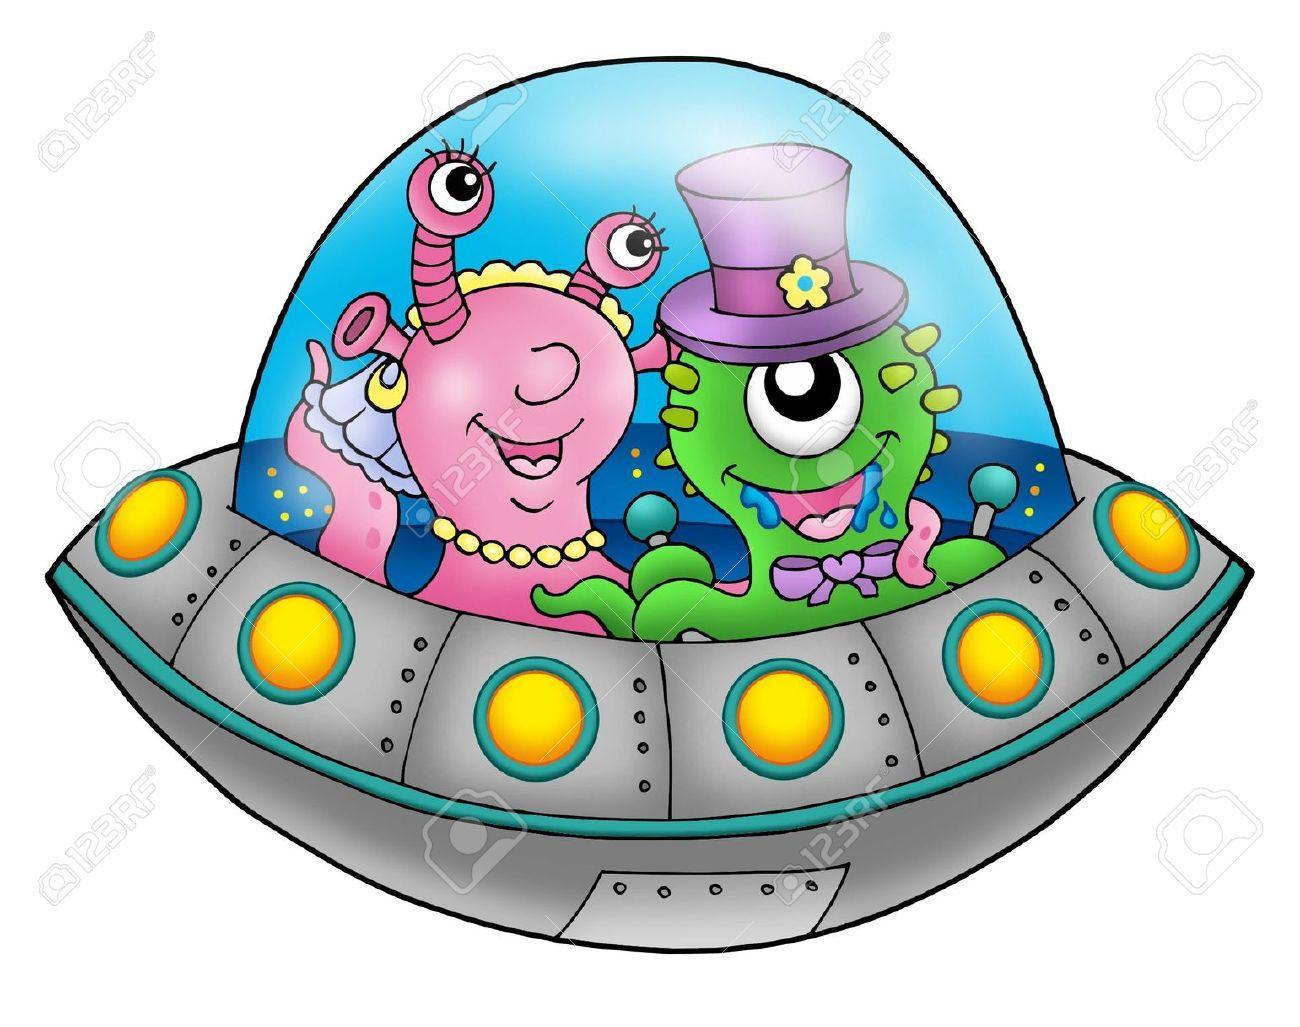 cartoon ufo clipart - photo #49